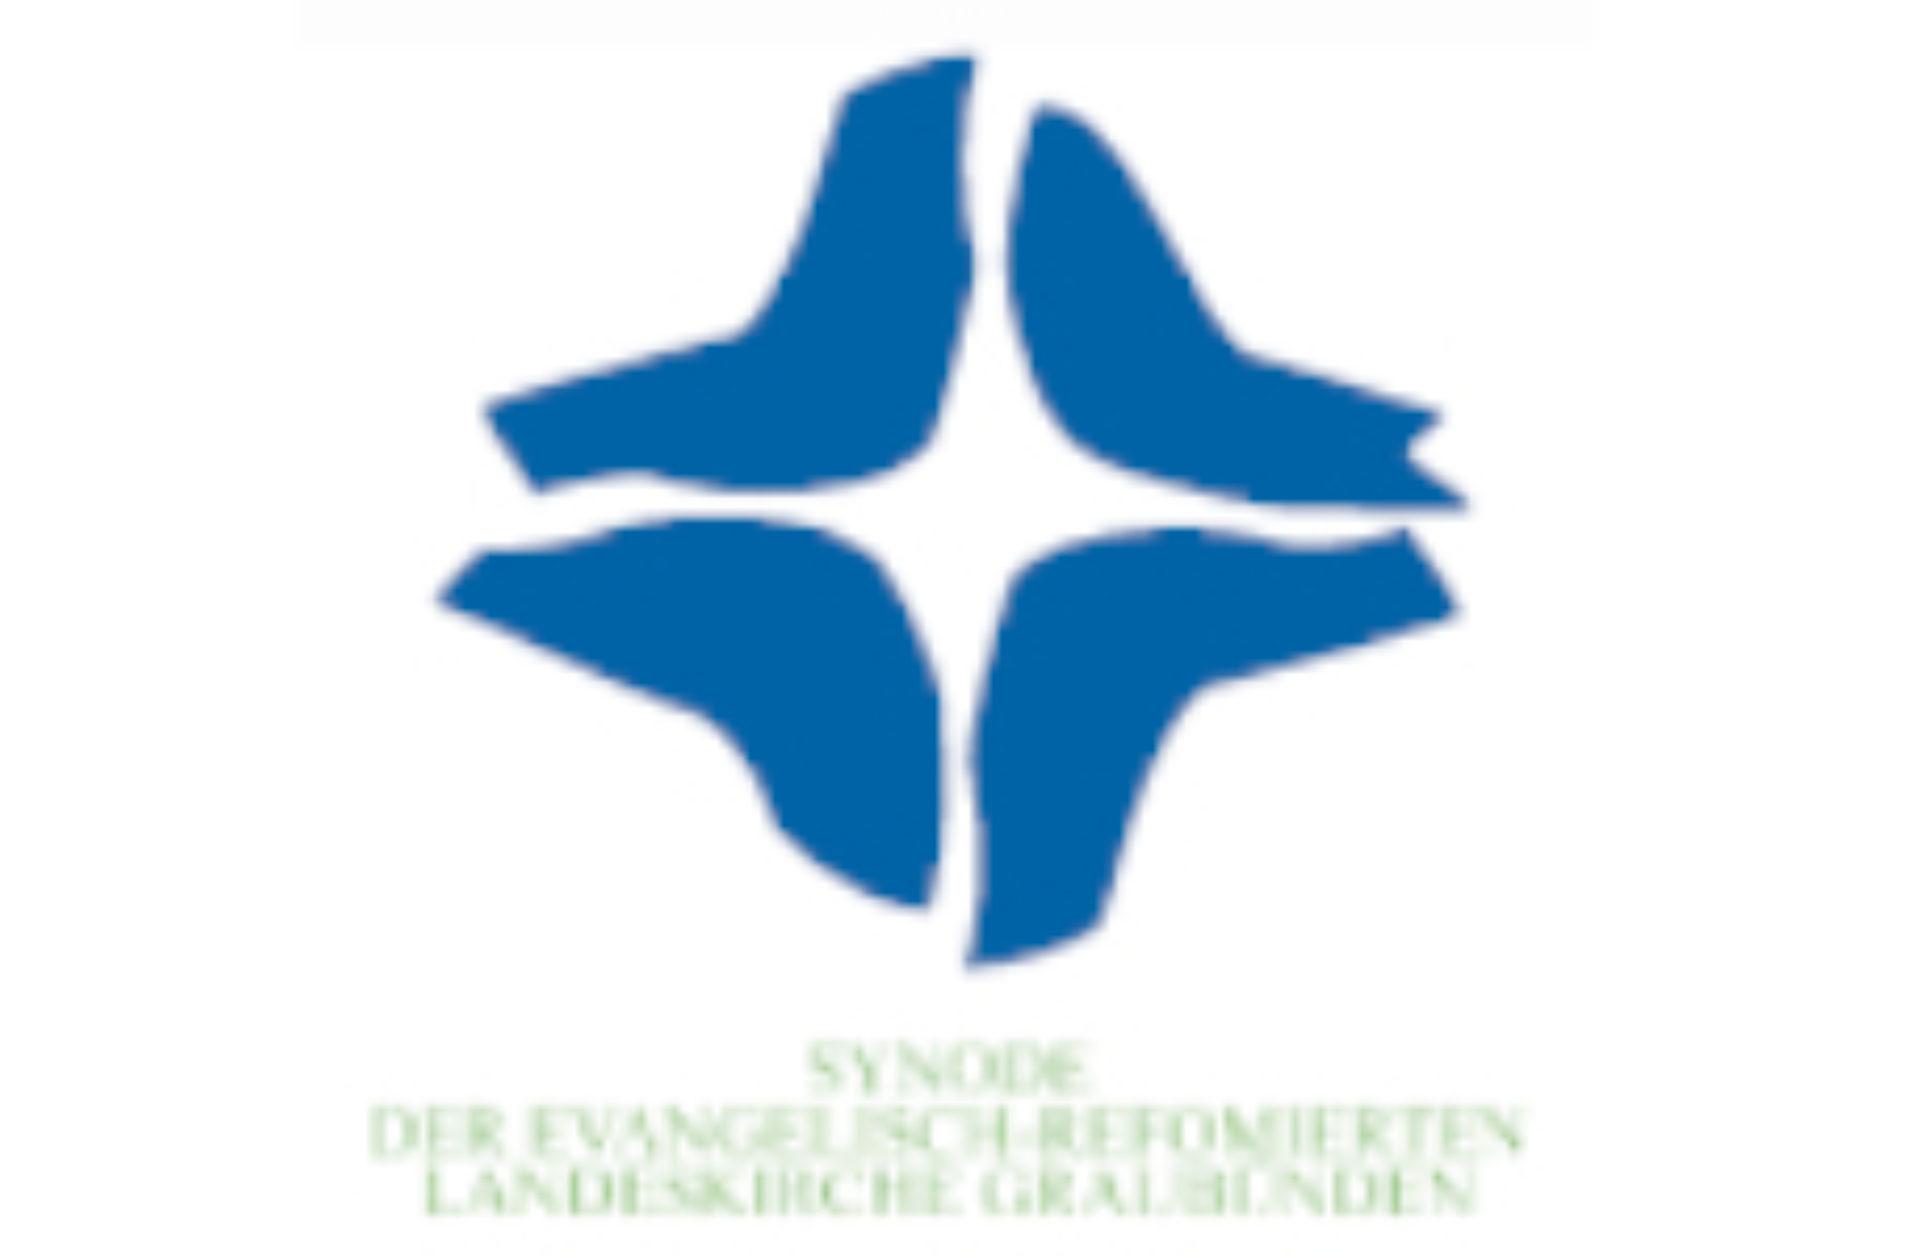 Synode der Evangelisch-reformierten Landeskirche Graubünden